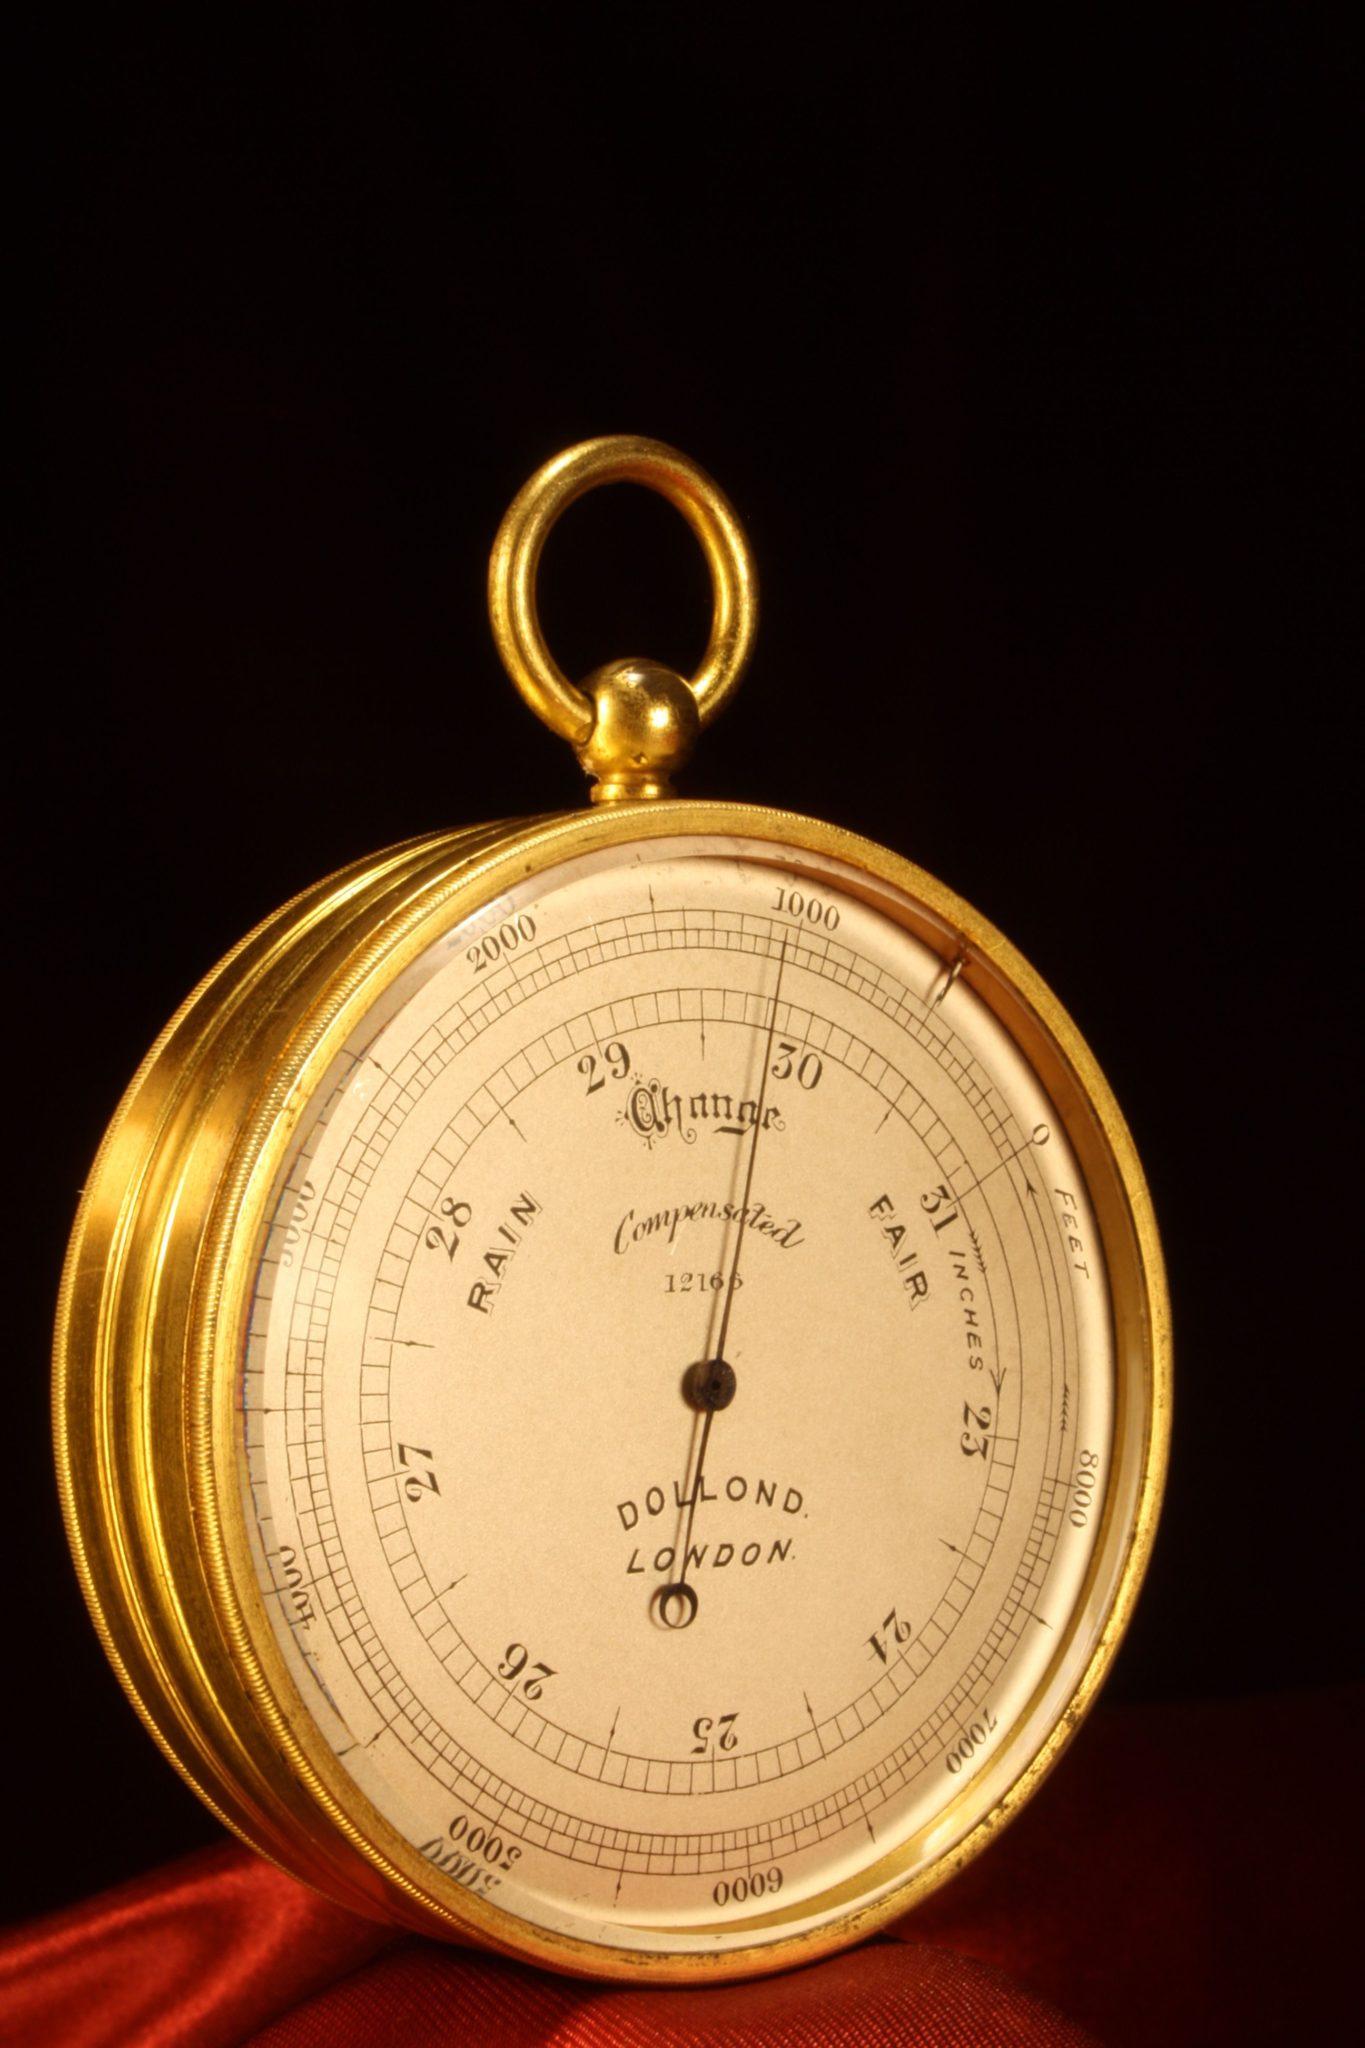 Image of Dollond Pocket Barometer No 12166 c1910